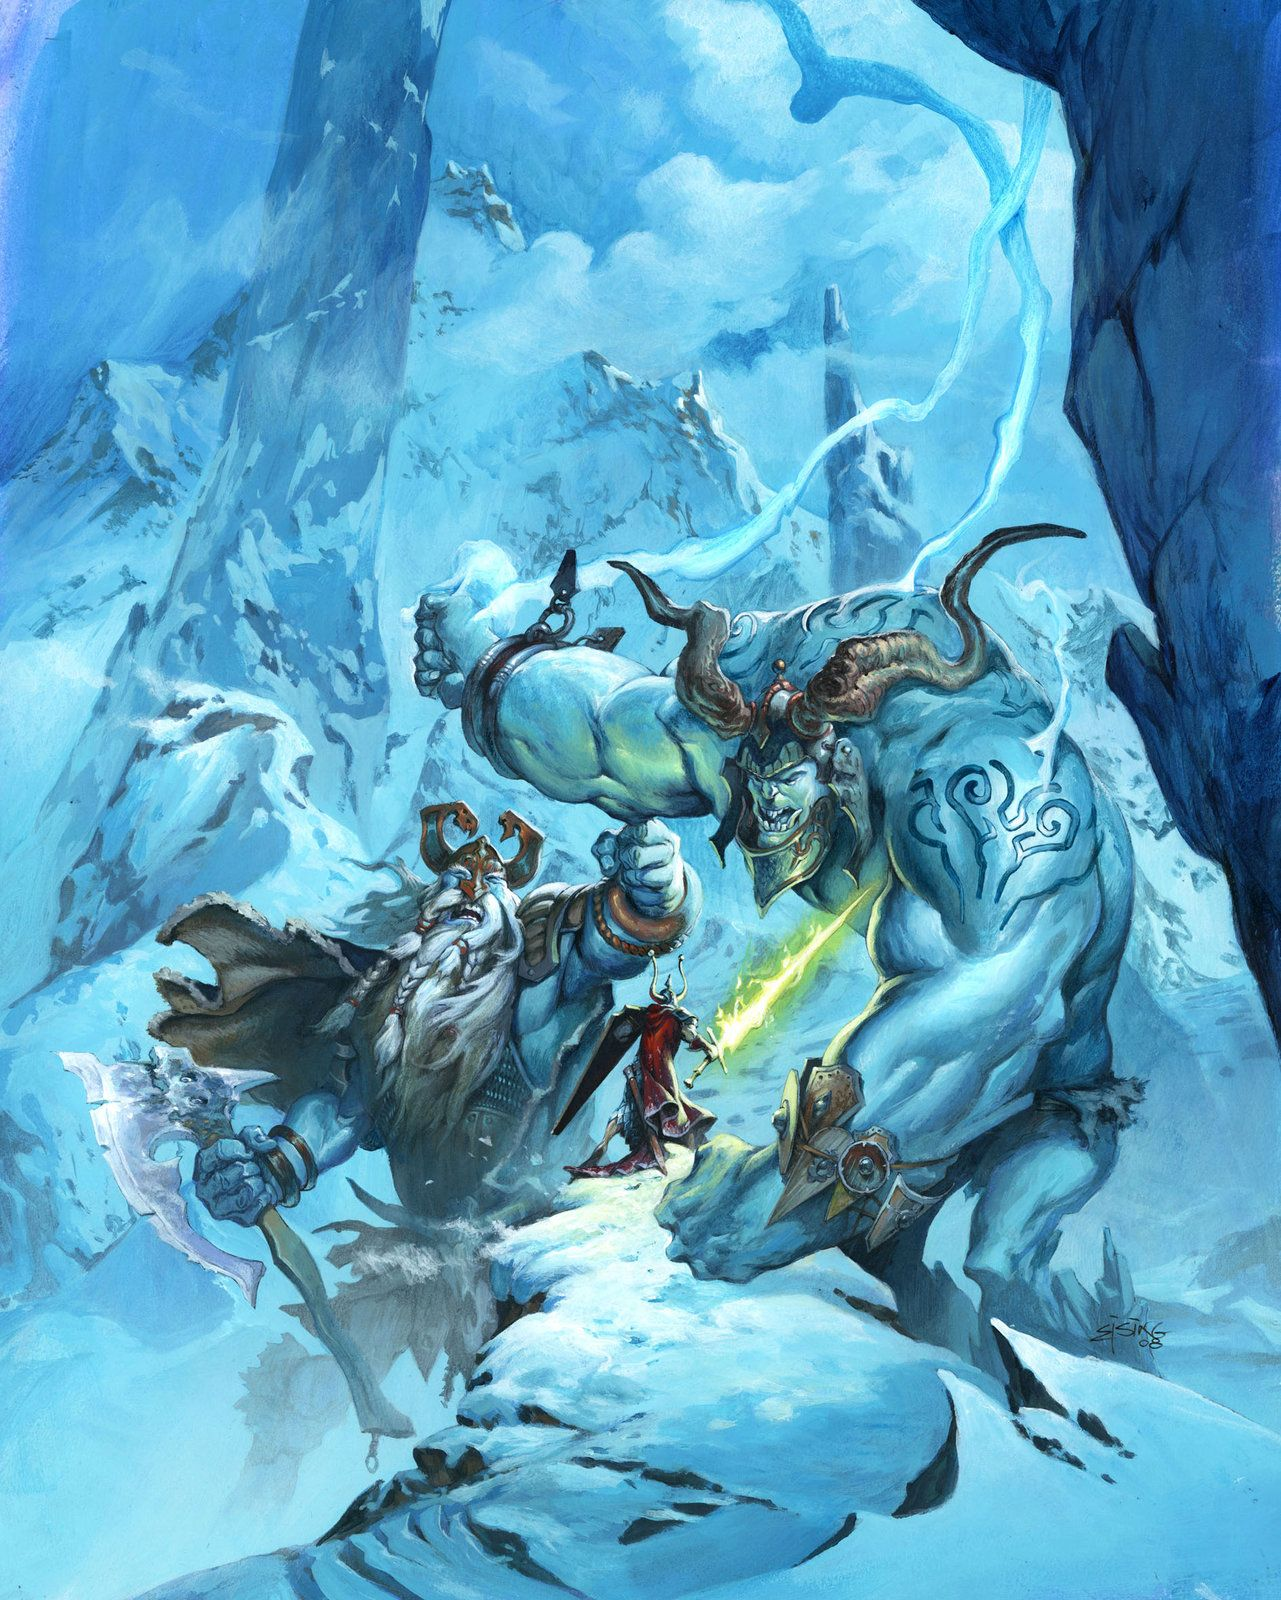 frost giants, Jesper Ejsing on ArtStation at https://www.artstation.com/artwork/frost-giants